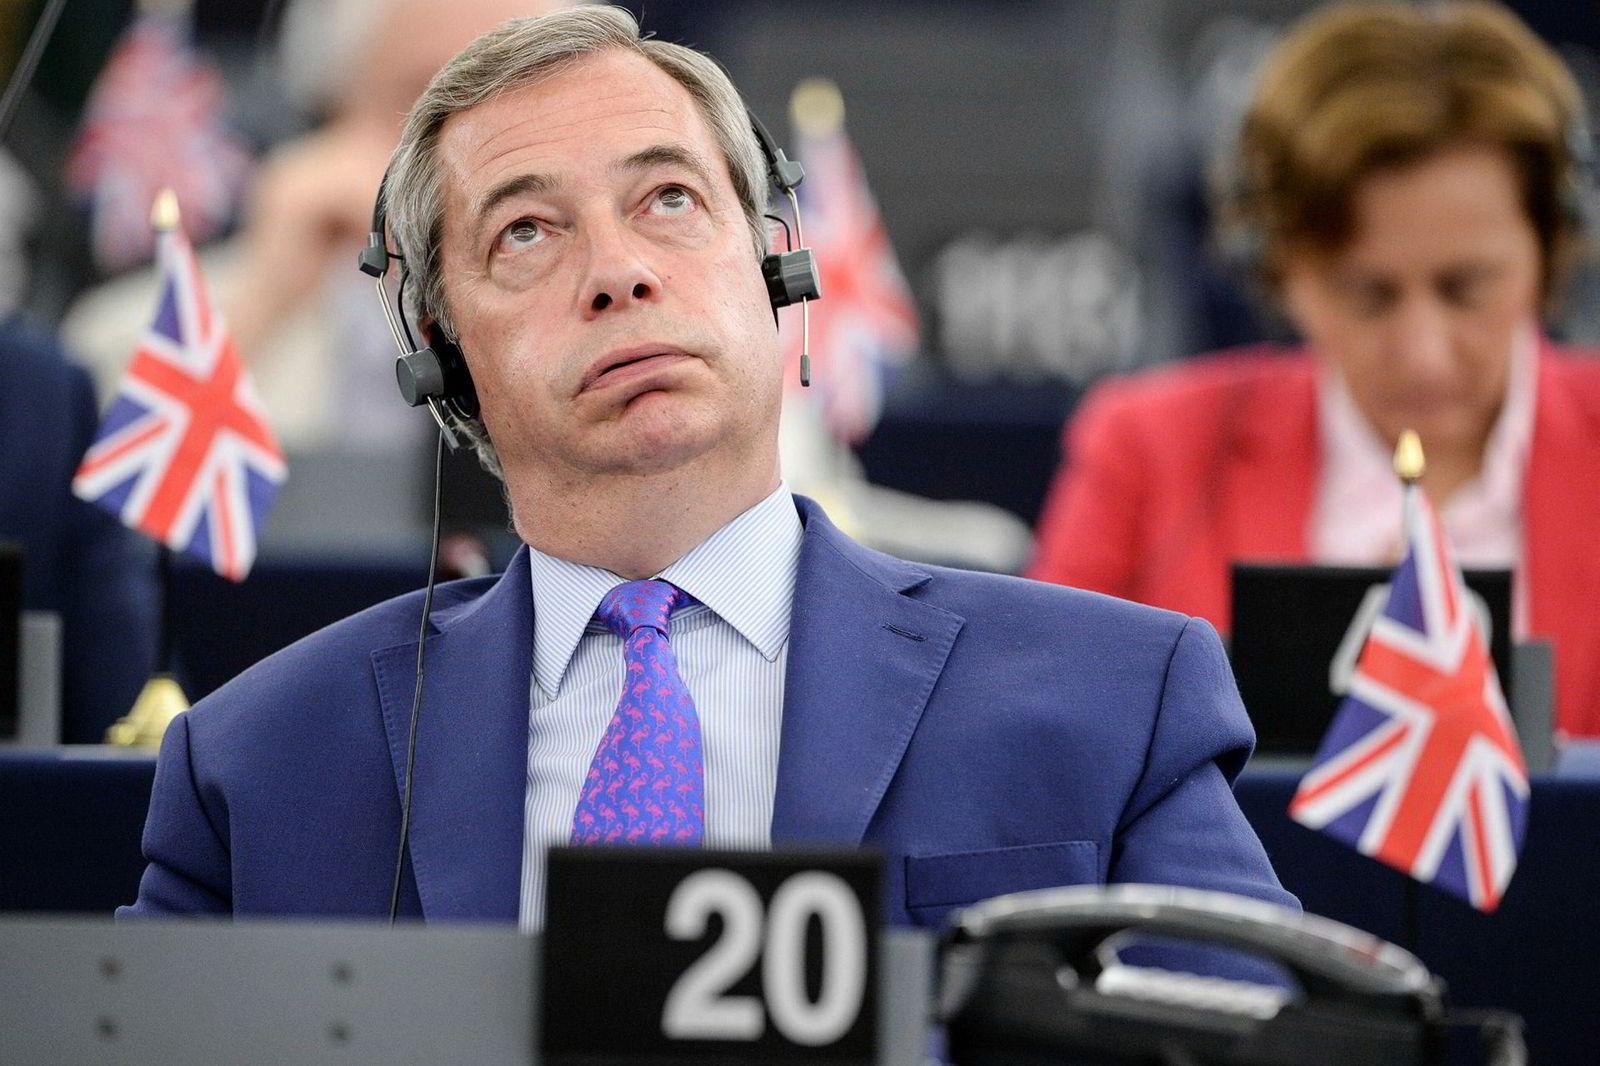 5. april 2017: Nigel Farage, tidligere partileder i Storbritannias uavhengighetsparti Ukip, fikk oppmerksomheten han ønsket i Europaparlamentet i april. Farage anklaget EU for å opptre som mafia. Ukip er et euroskeptisk parti og heiet frem brexit.